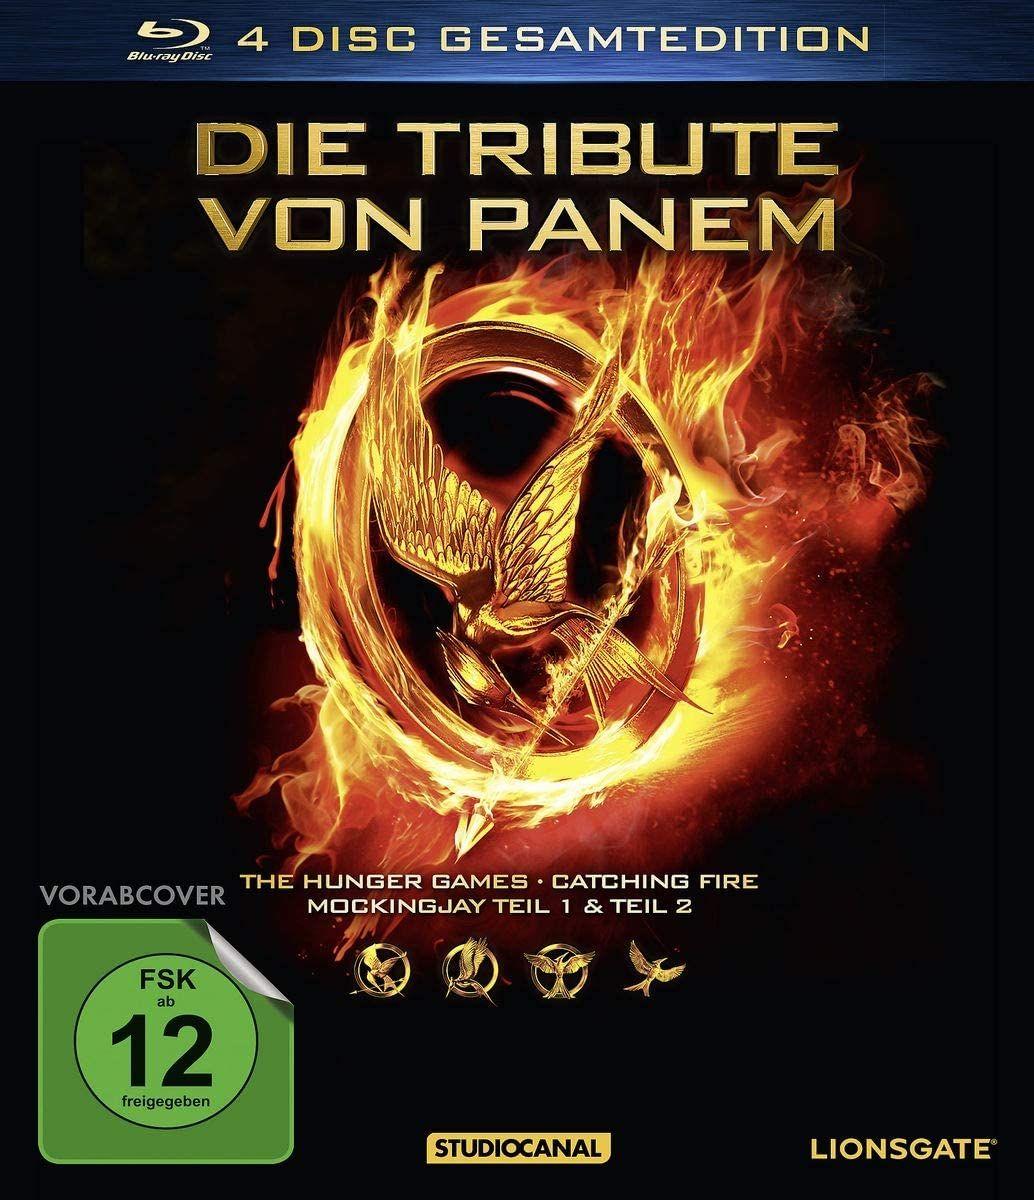 Die Tribute von Panem - Gesamtedition [Blu-ray] [Amazon Prime]